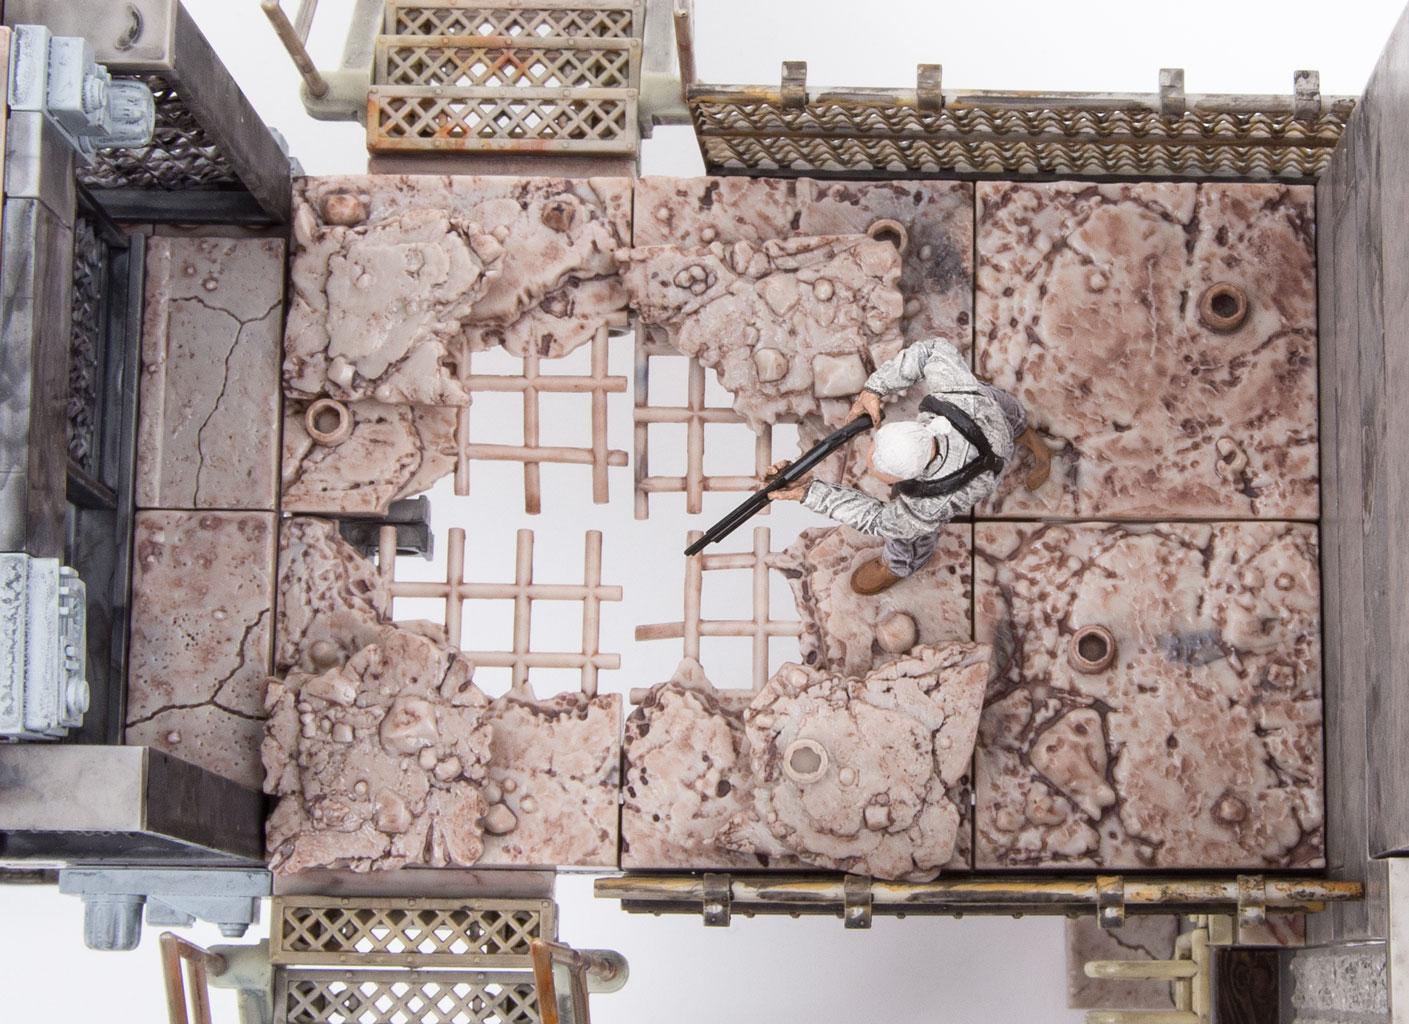 Prison Catwalk Construction Set